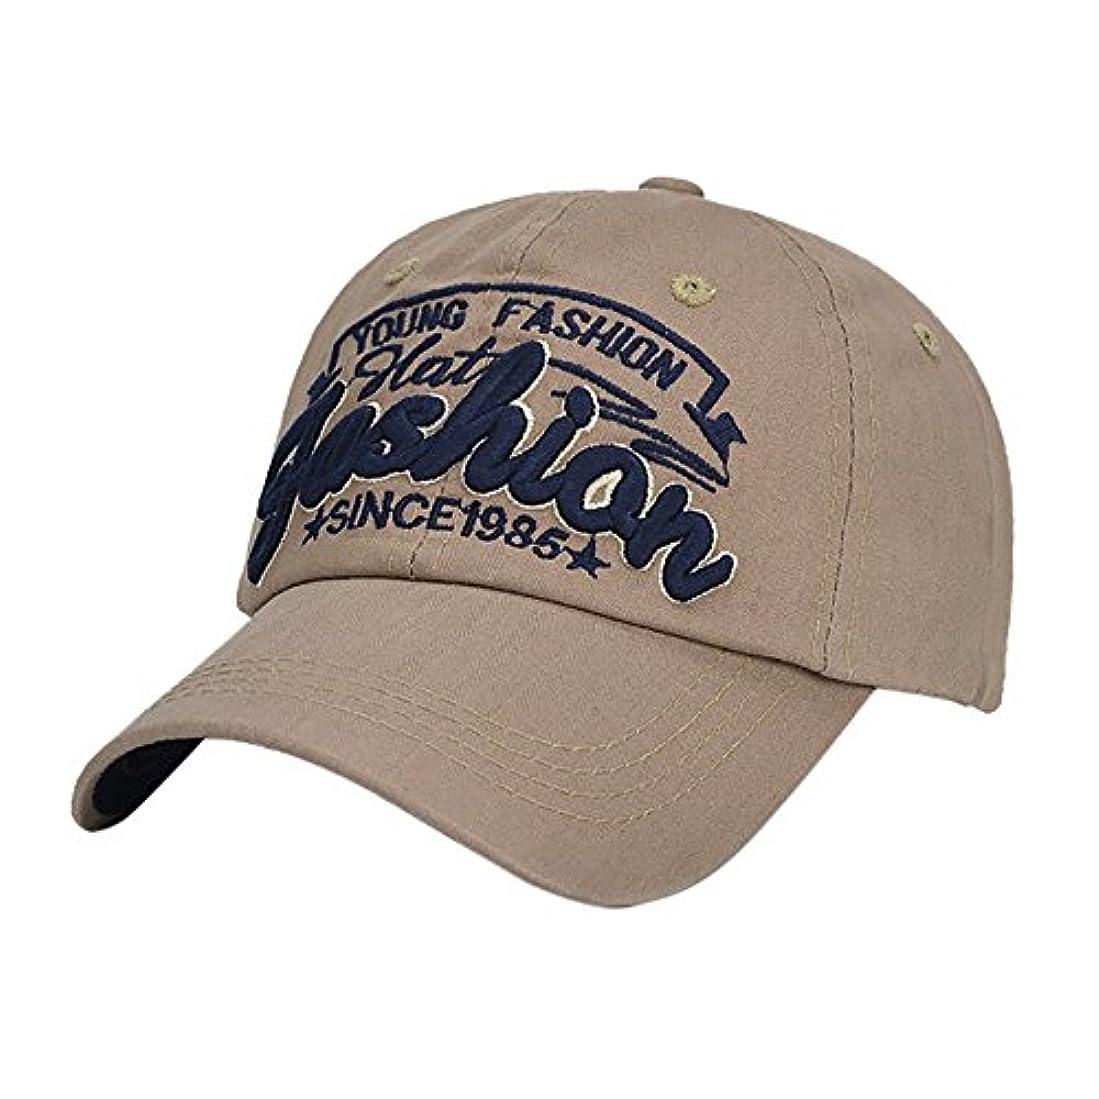 次航空アクセスできないRacazing Cap ヒップホップ 野球帽 ストリートダンス 夏 登山 通気性のある 帽子 パール ビーディング 可調整可能 日焼け止め 棒球帽 UV 帽子 軽量 屋外 女性向 Hat (コーヒー)